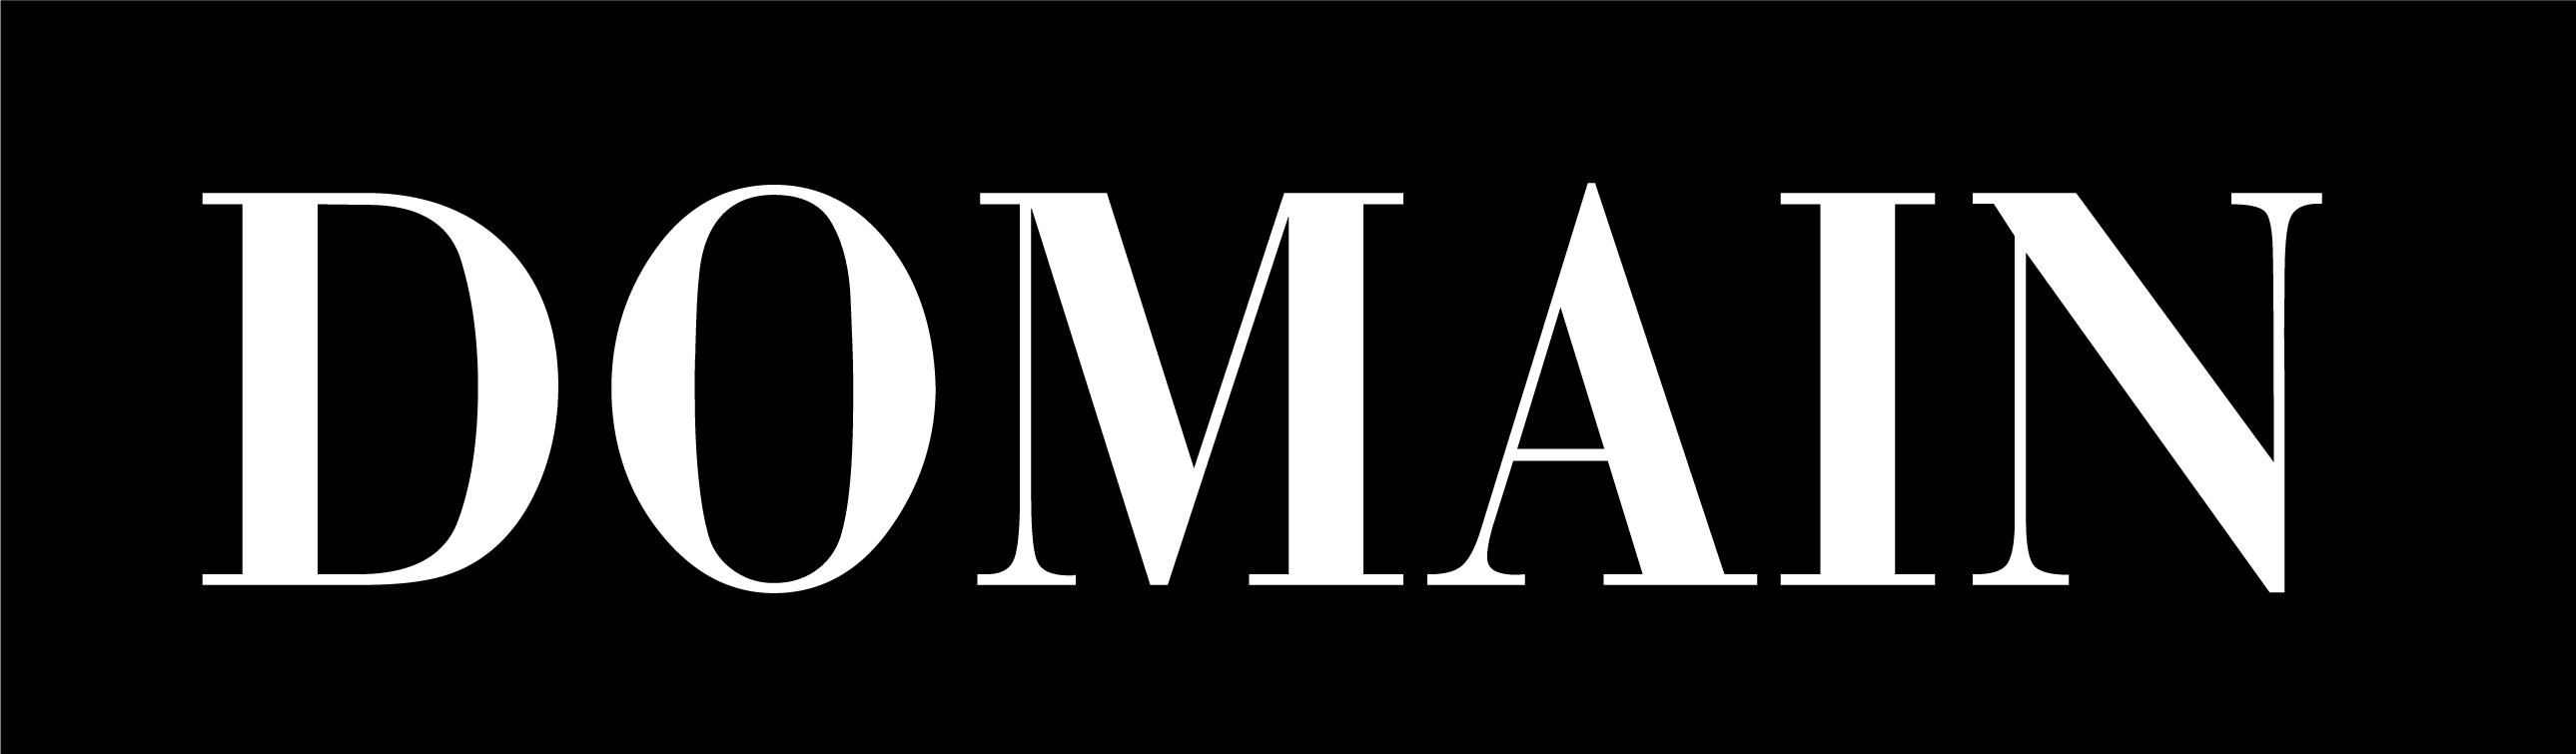 domain-boxed